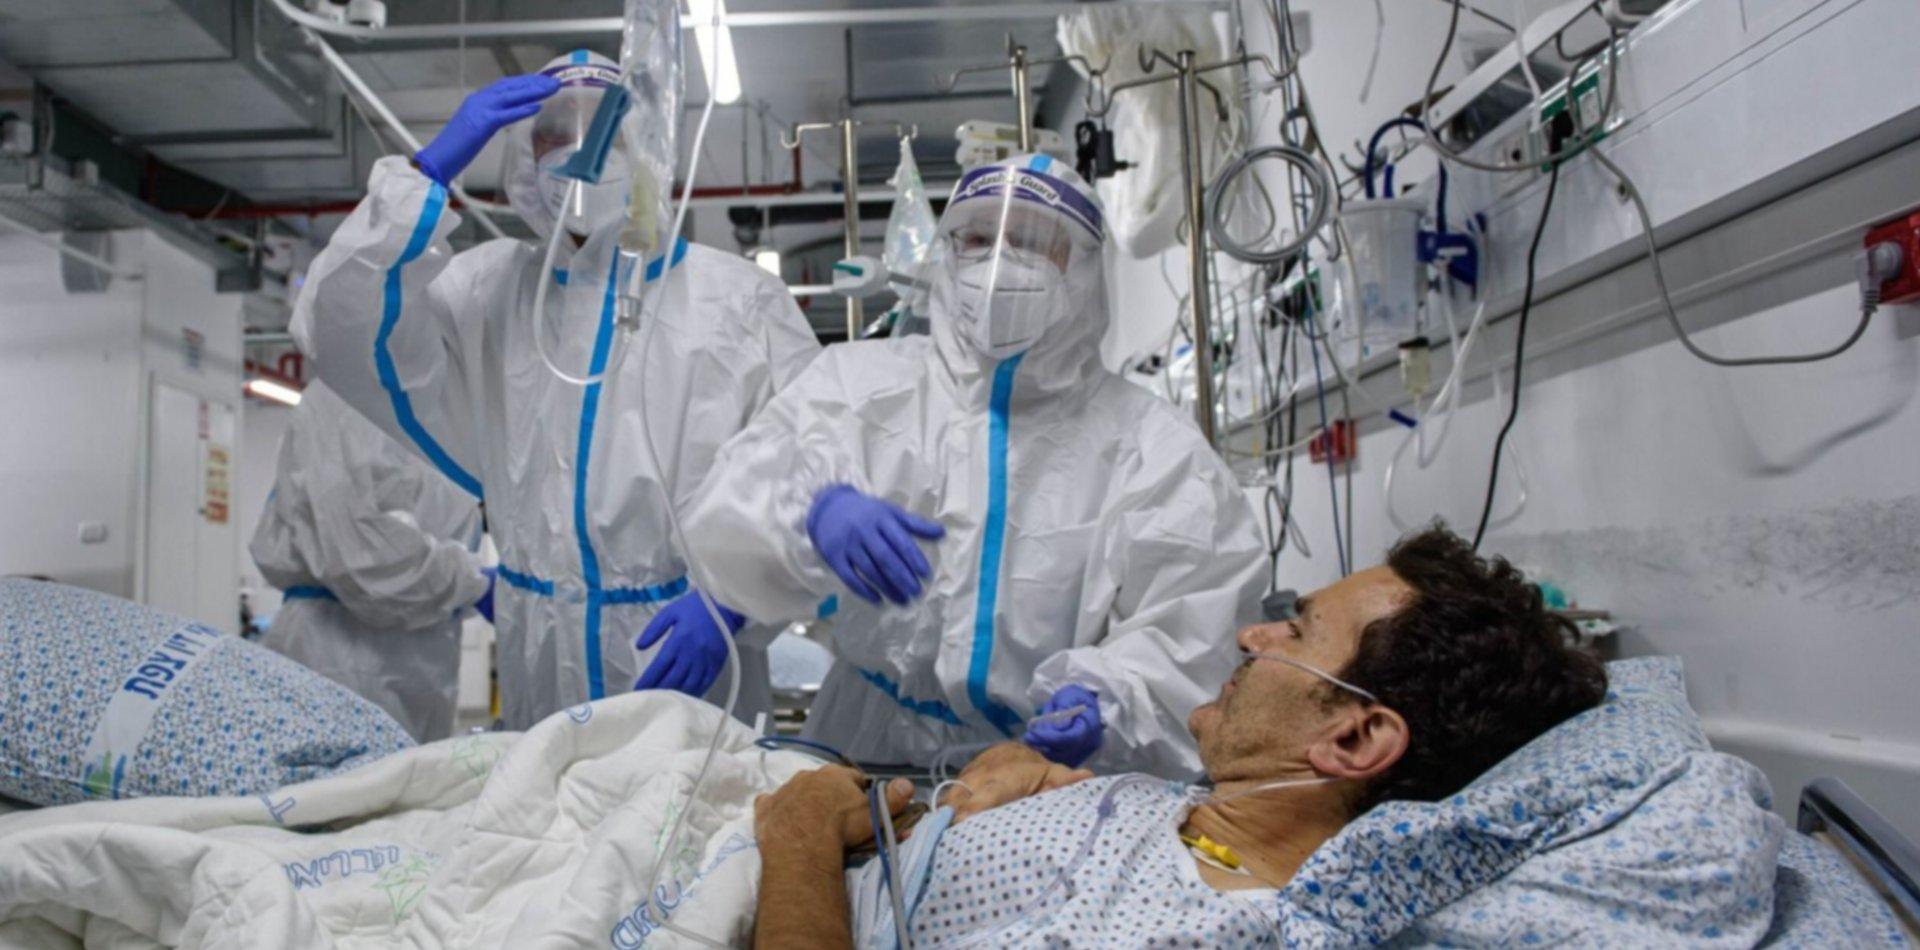 Expertos adelantaron cuándo podrían bajar las muertes por COVID en Argentina